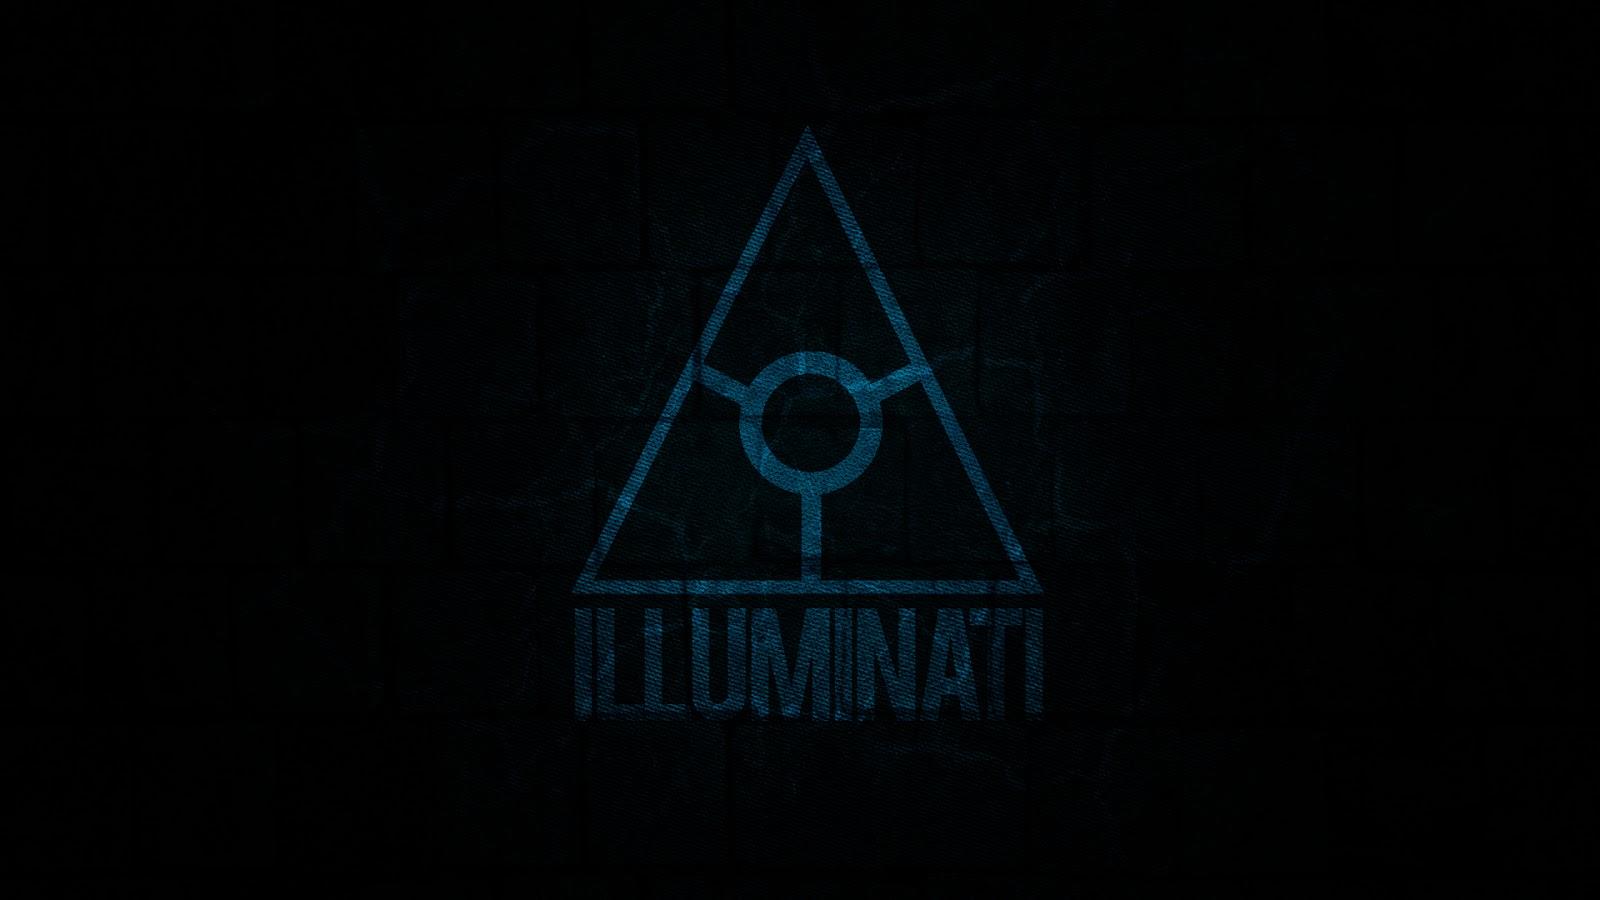 illuminati logo - photo #13